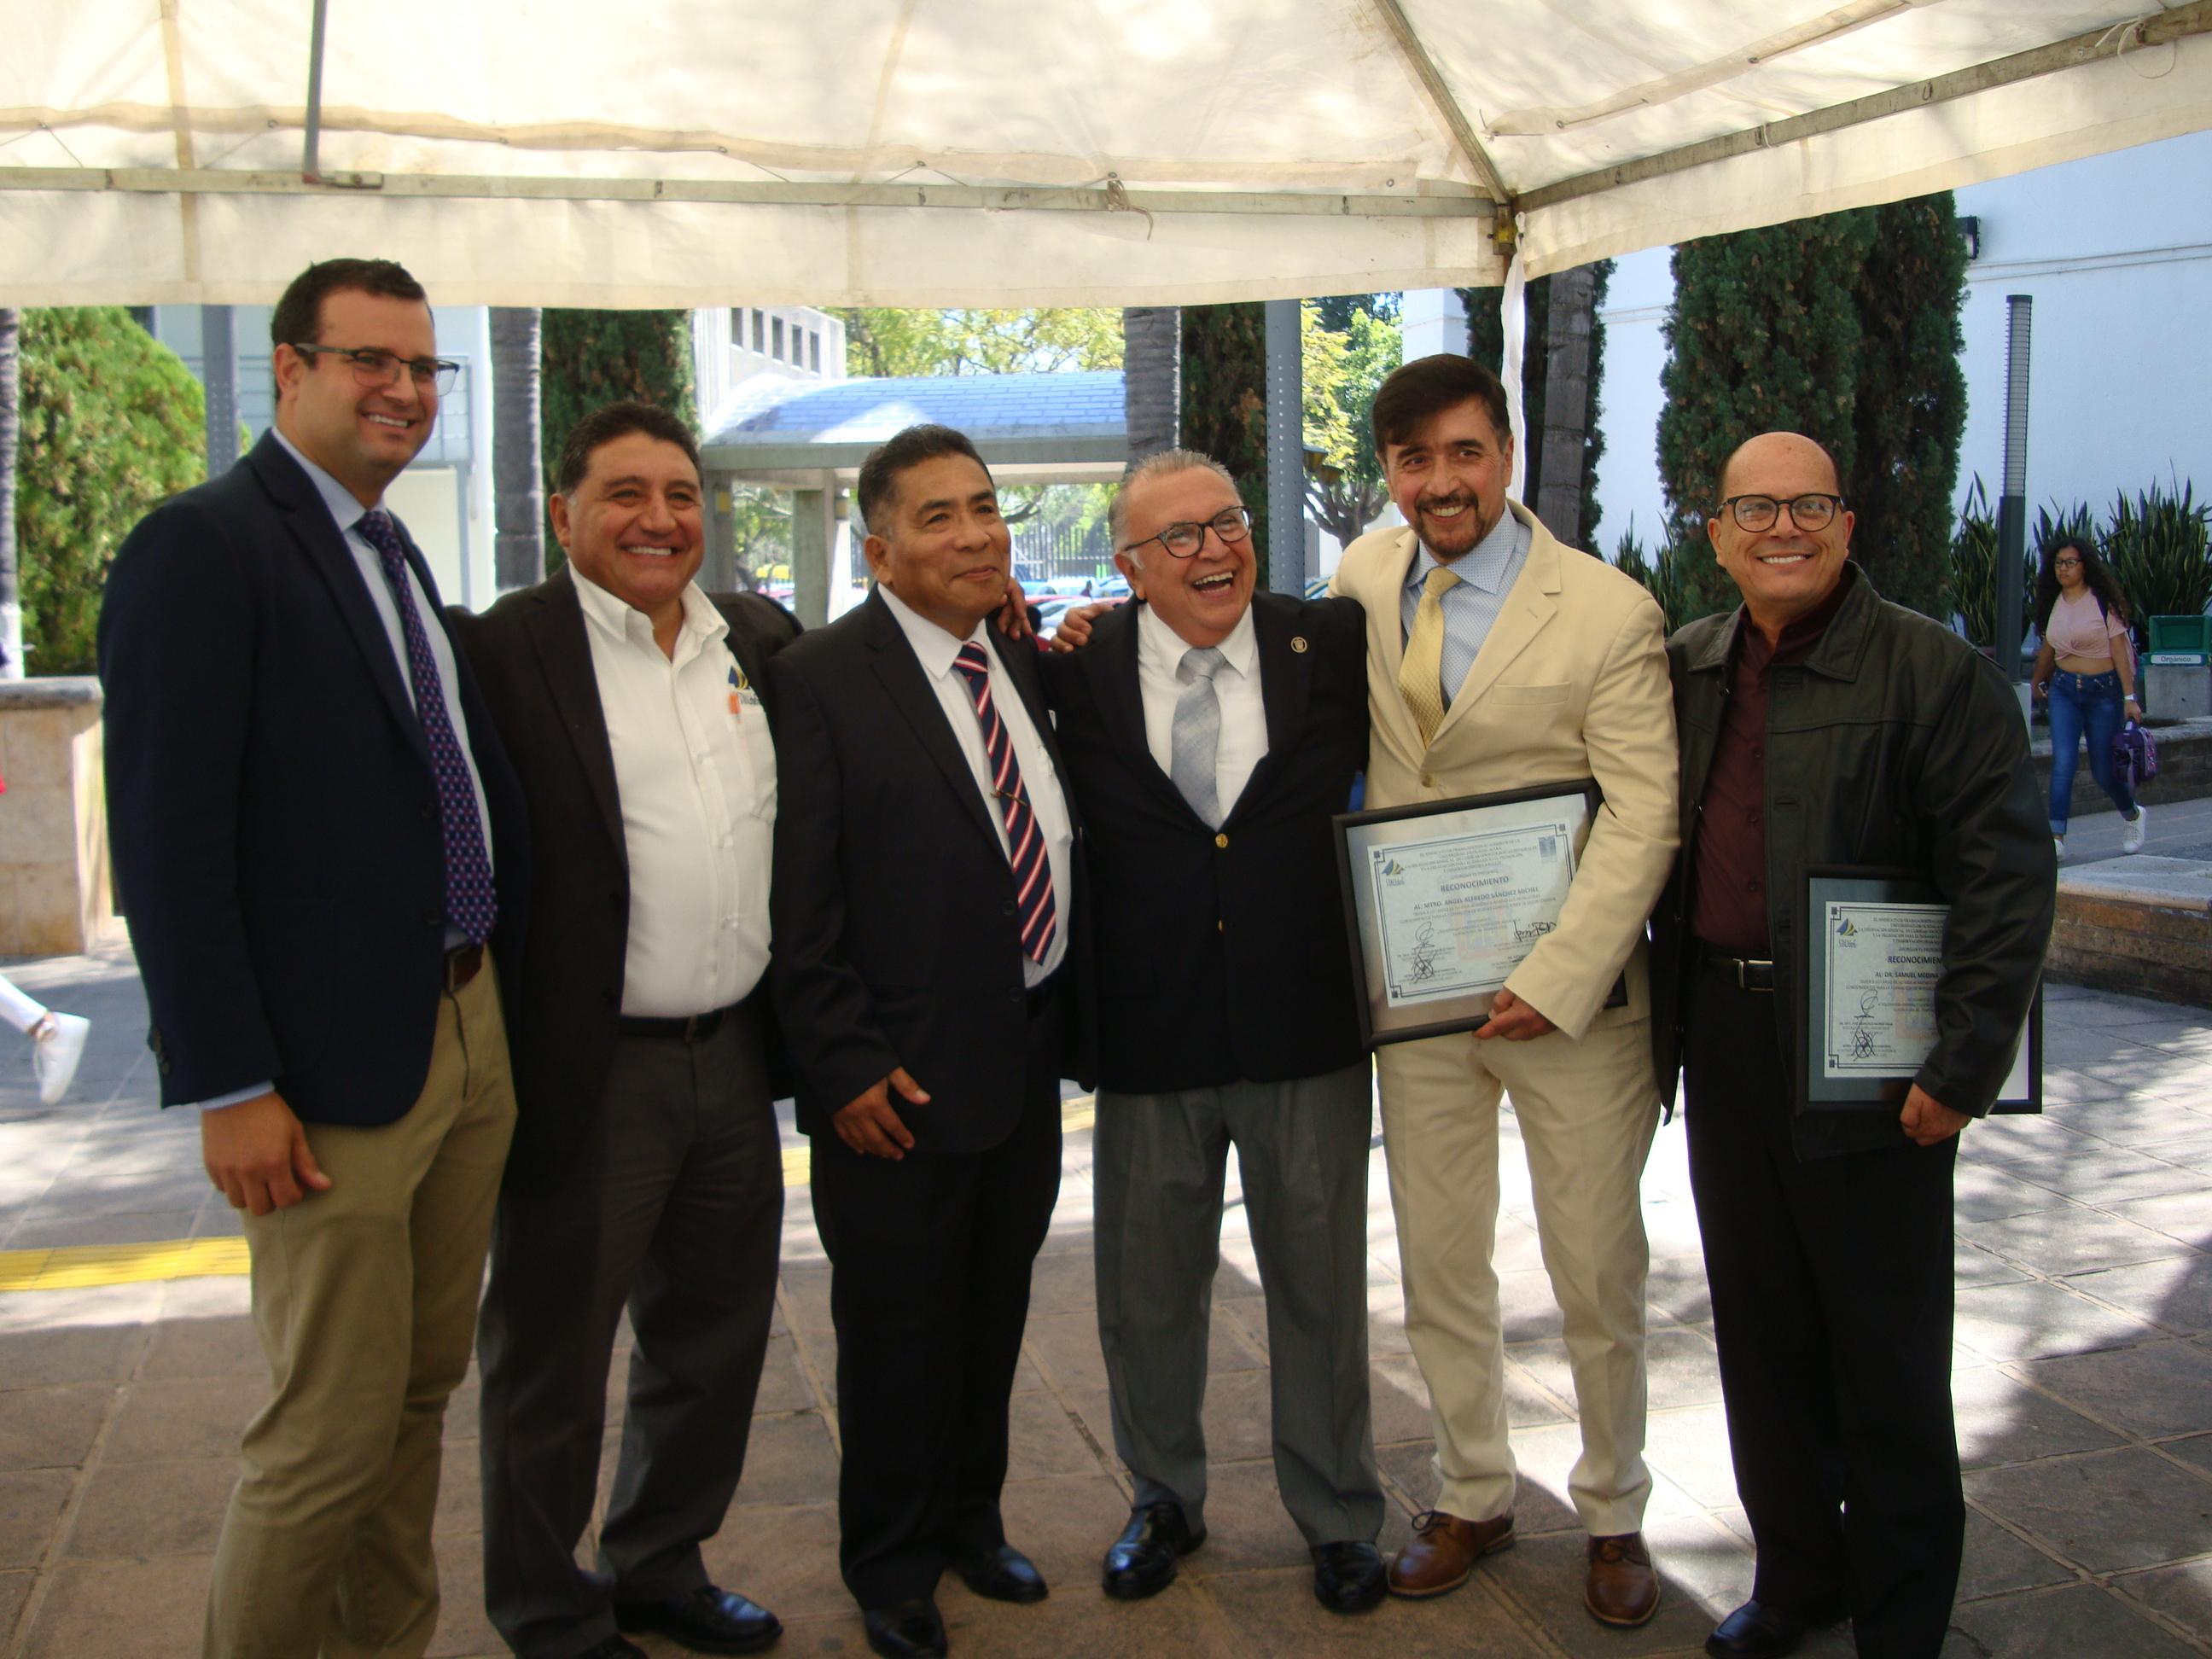 Profesores reconocidos, foto grupal